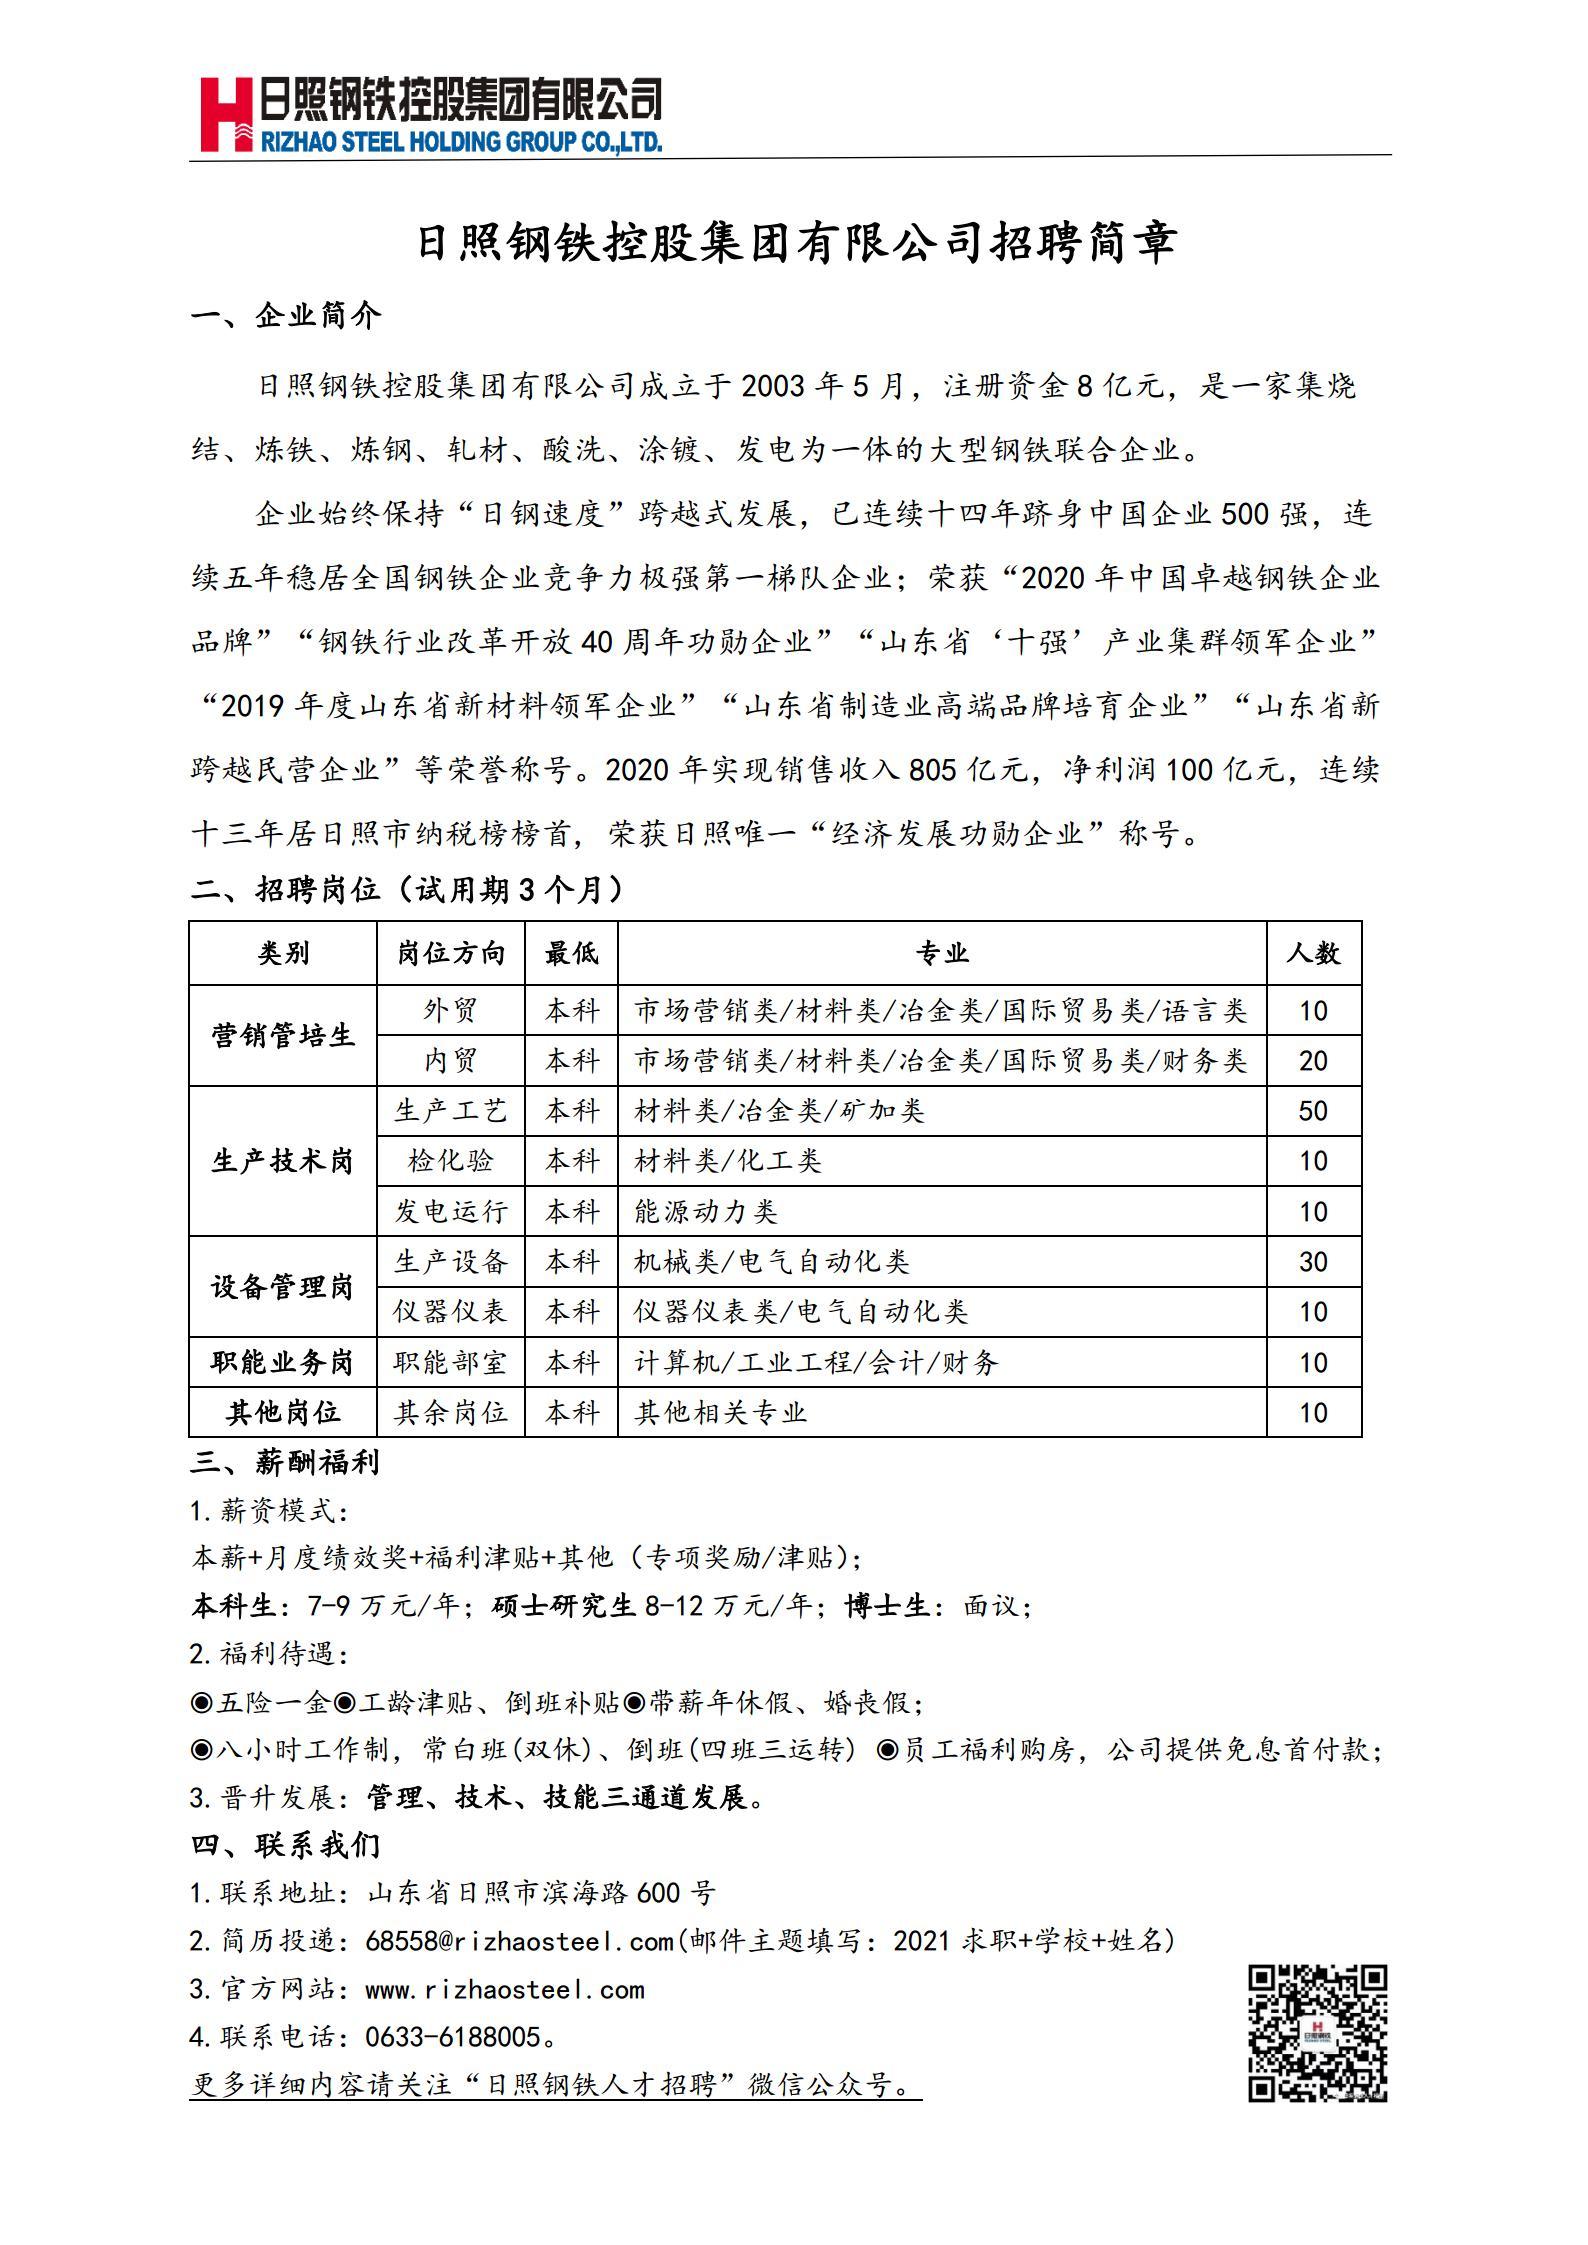 日照钢铁控股集团有限公司招聘简章(本科校园招聘) _2021.3.1jpg_Page1.jpg